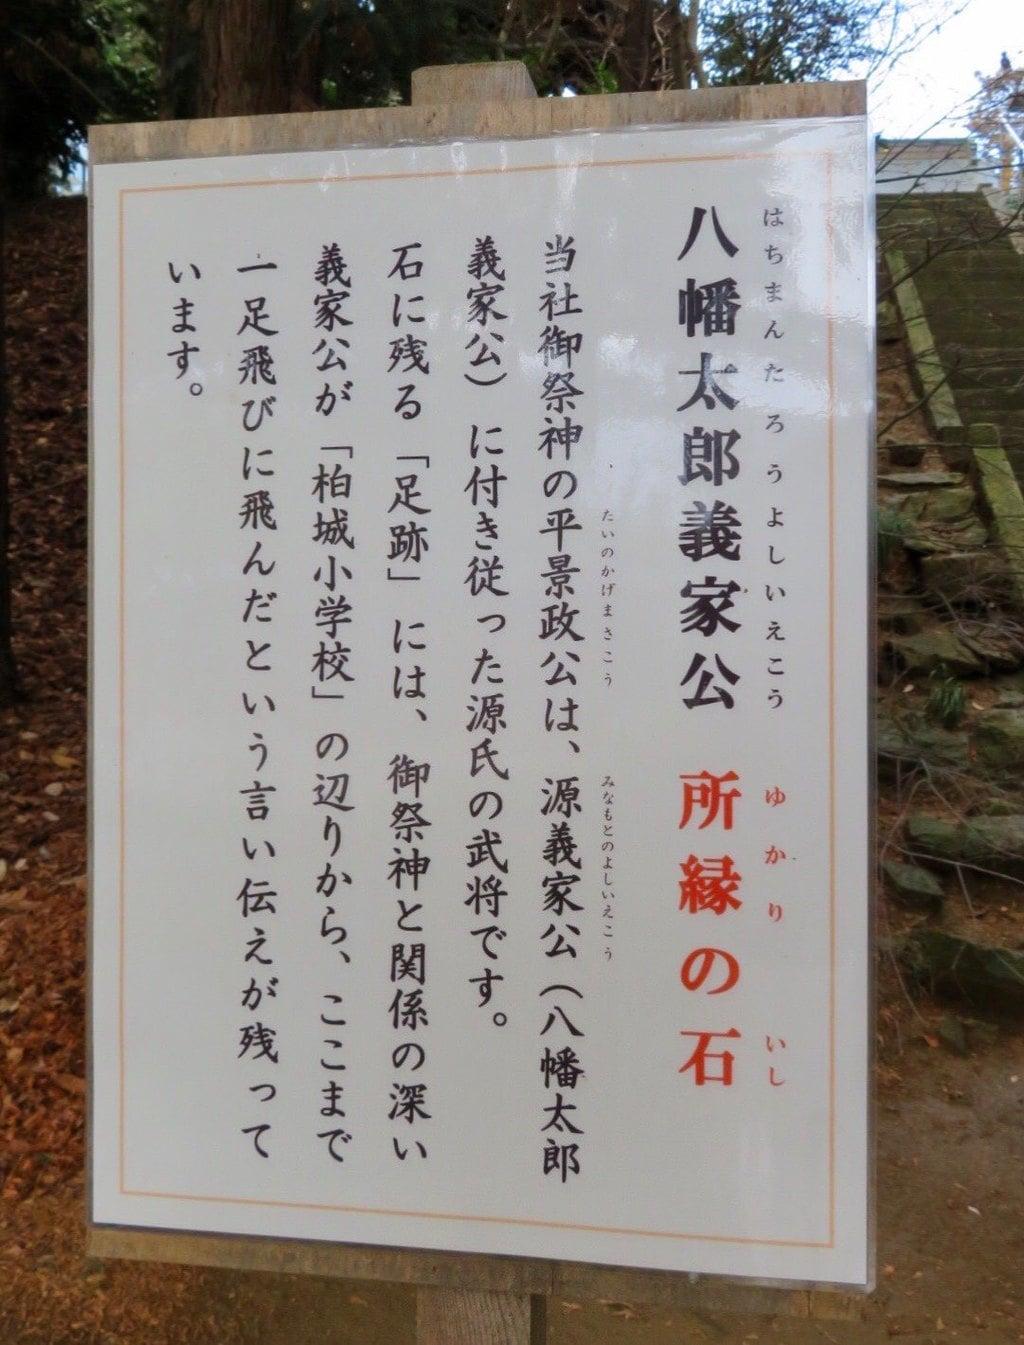 滑川神社 - 仕事と子どもの守り神の歴史